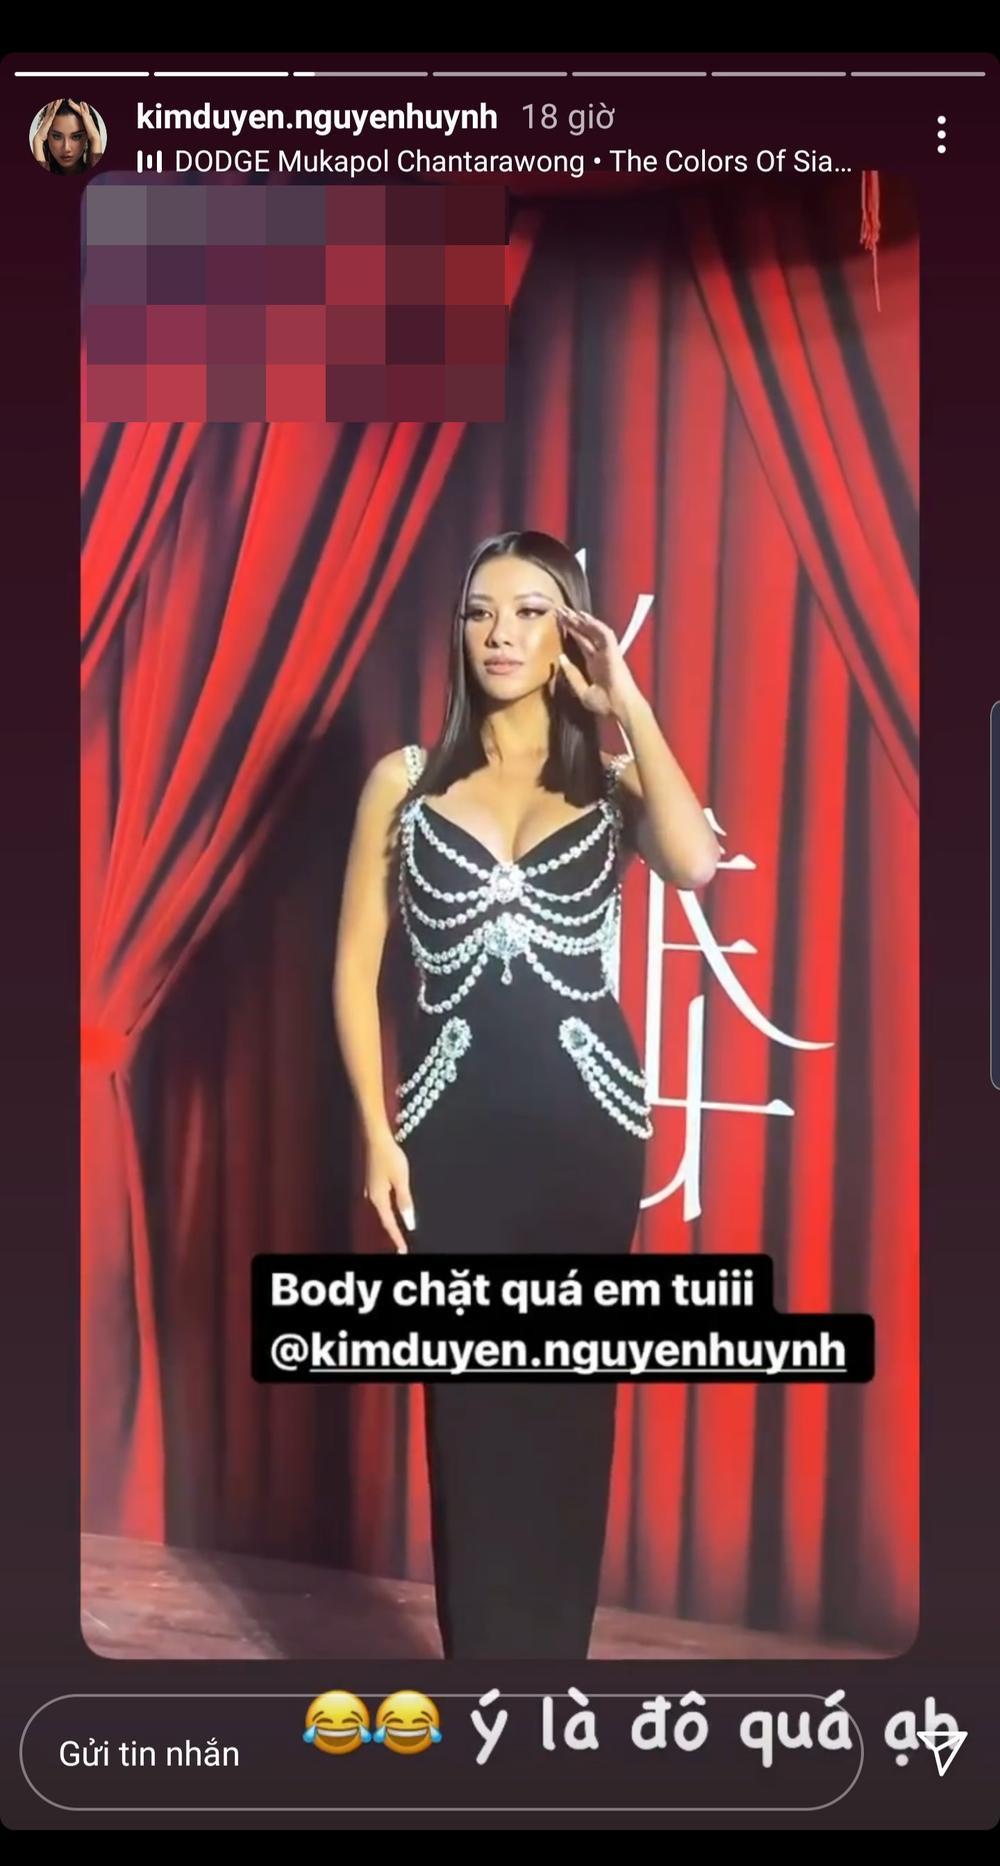 Phía Á hậu Kim Duyên phân trần khi bị soi mặc váy nhái Chanel đi sự kiện Ảnh 5